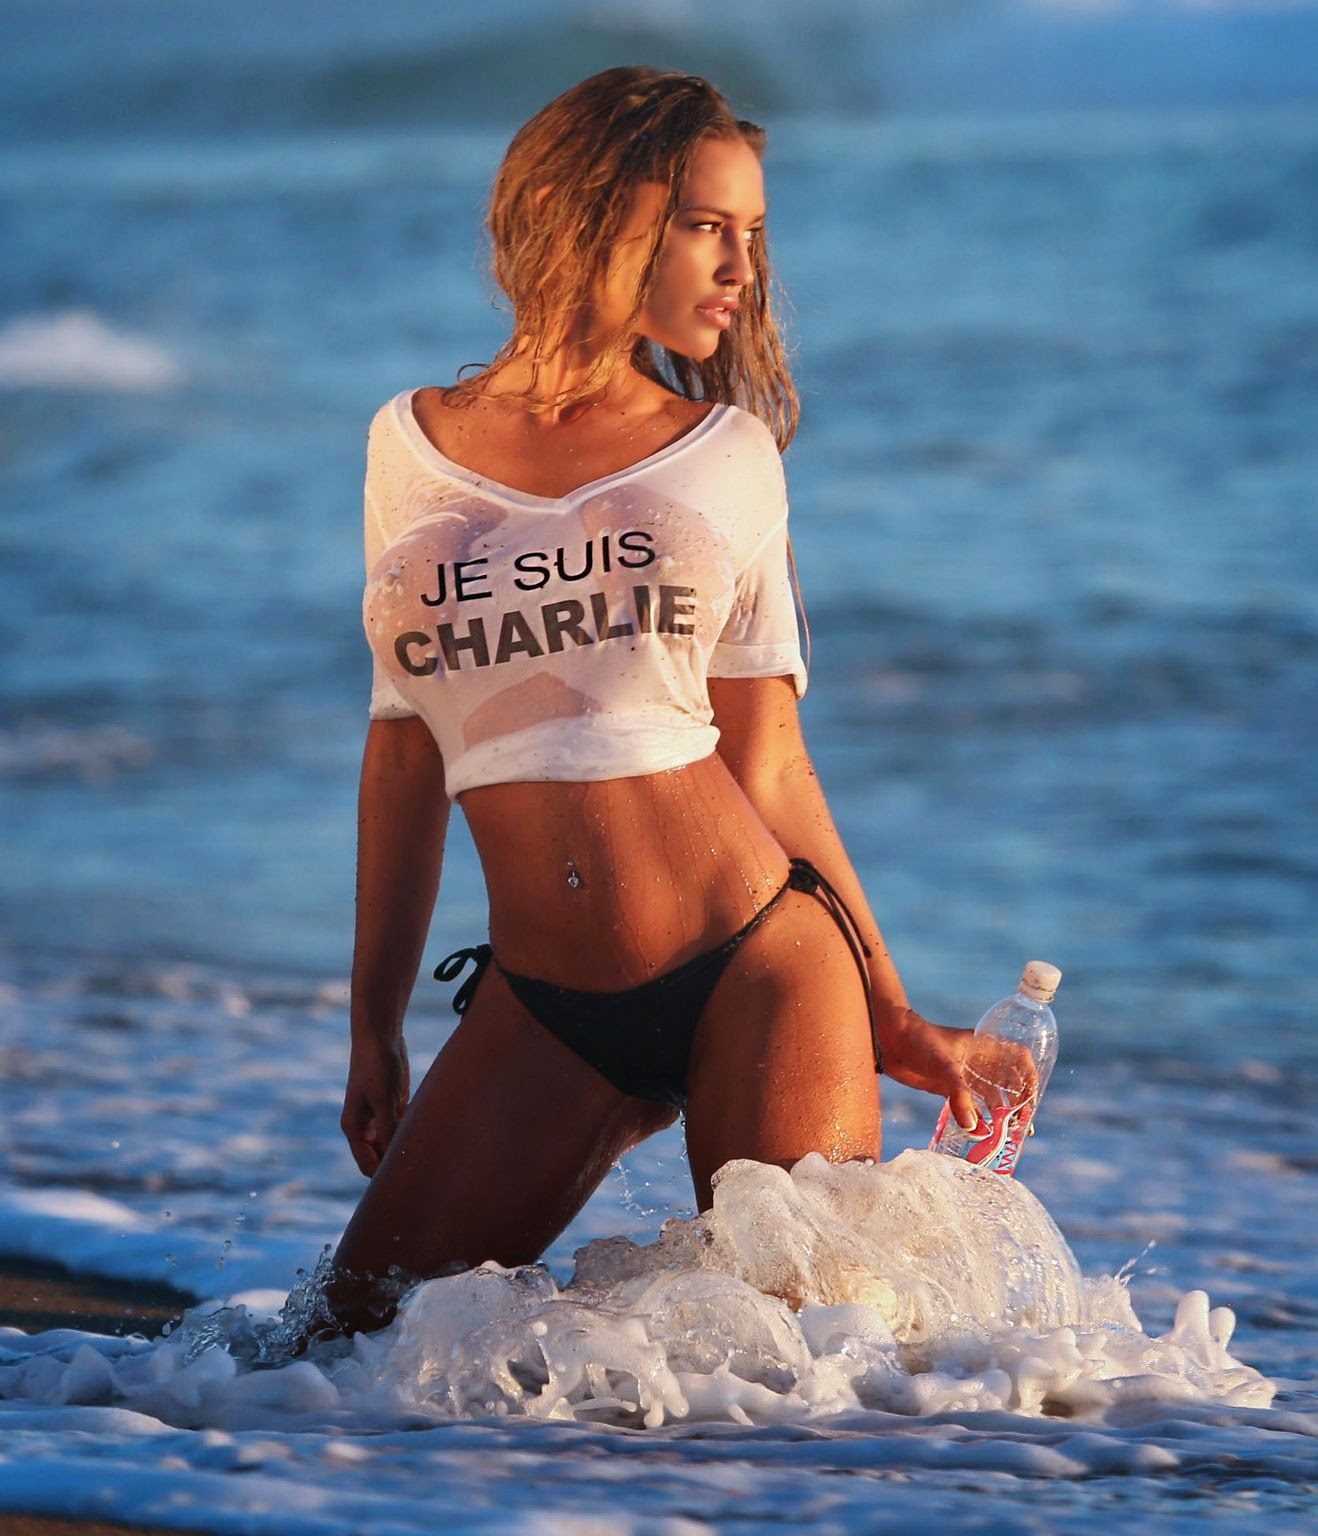 عارضة الأزياء تشارلي رينا في صور شبه عارية في ماليبو